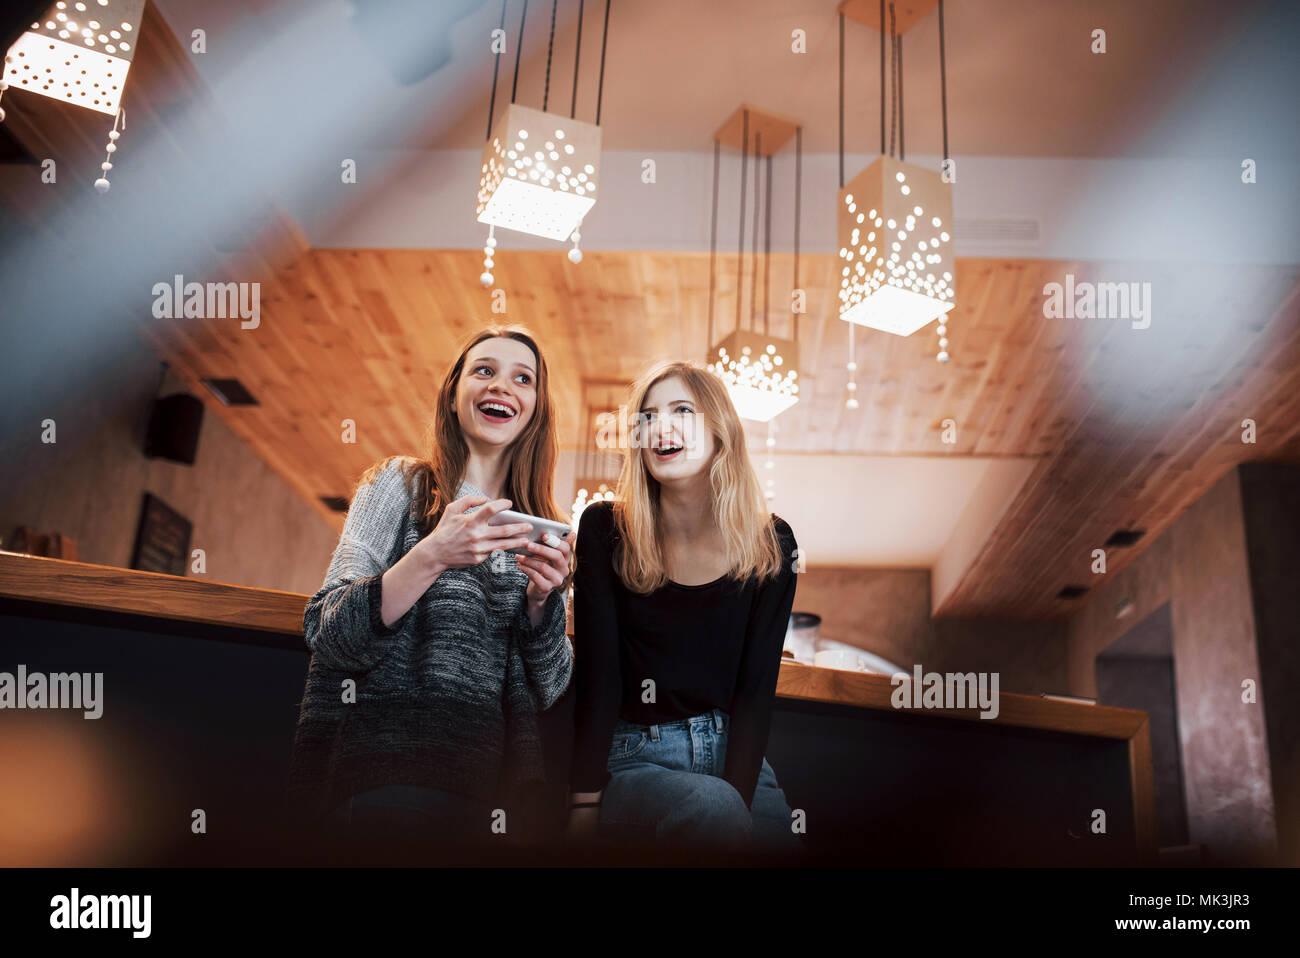 Kommunikation und Freundschaft Konzept - lächelnde junge Frauen mit Kaffeetassen im café Stockbild